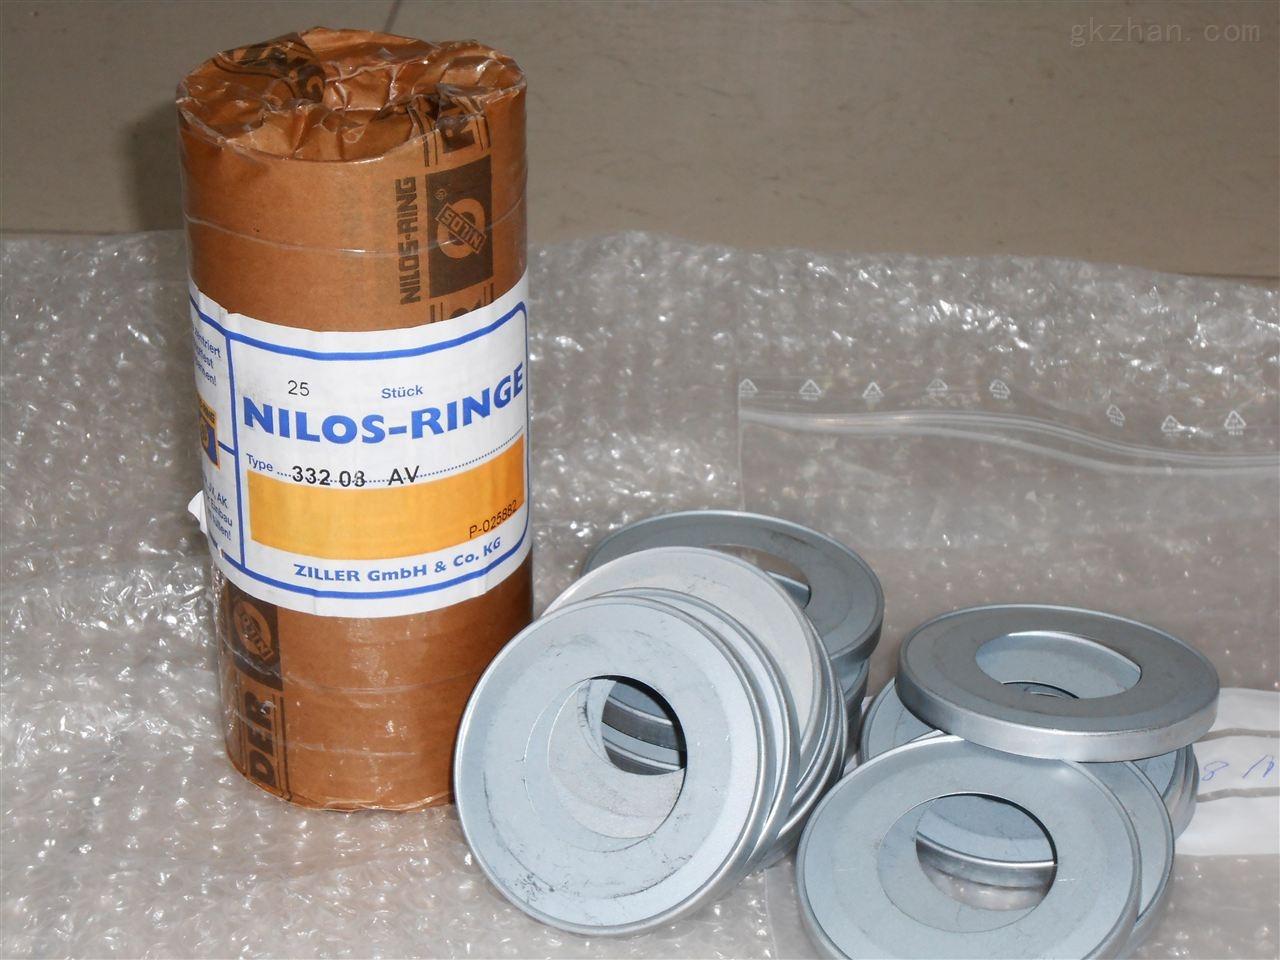 NILOS-RING軸承/密封16032JV特點